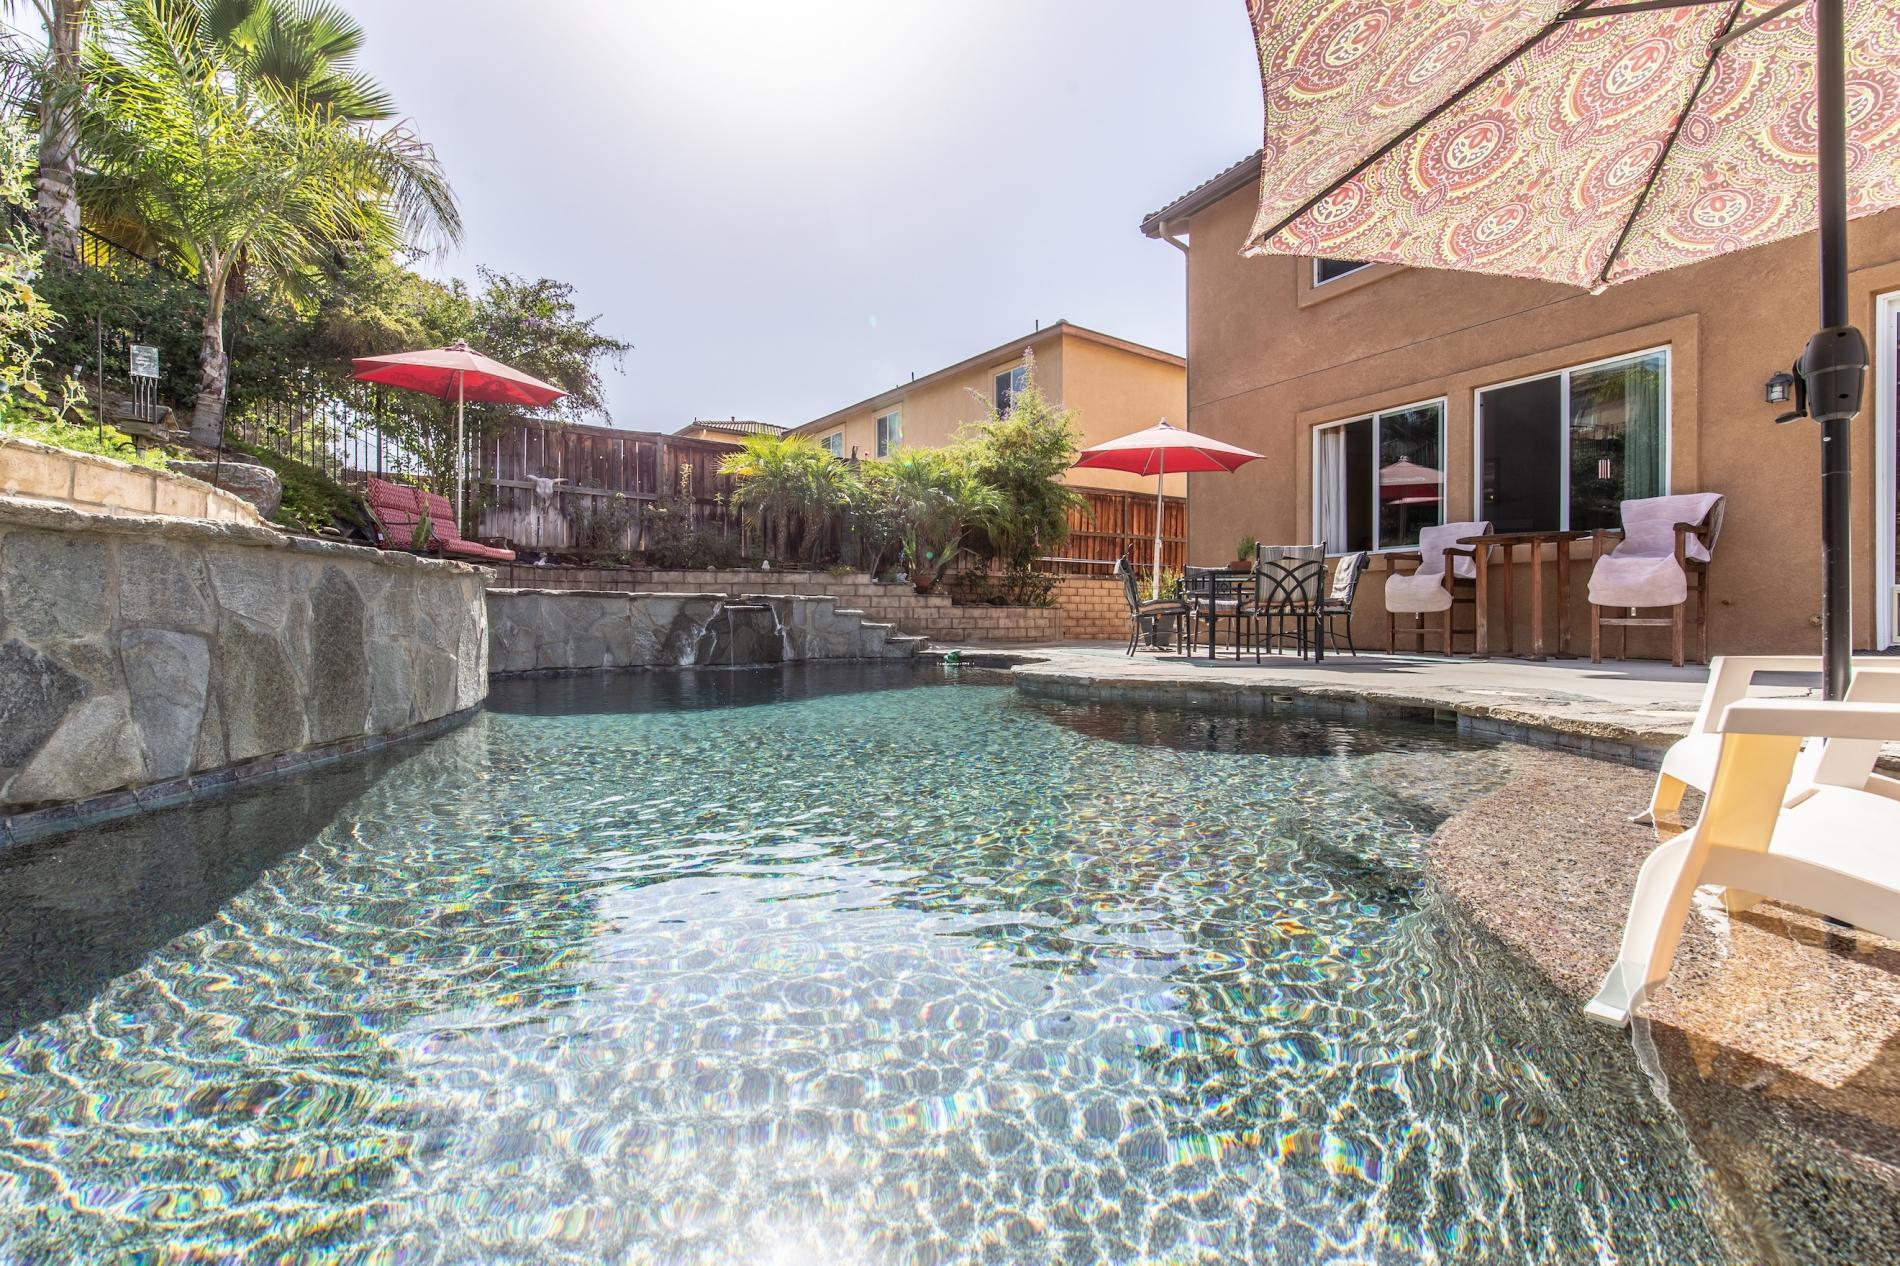 Casa de Colares - Pool & Jacuzzi photo 15983487